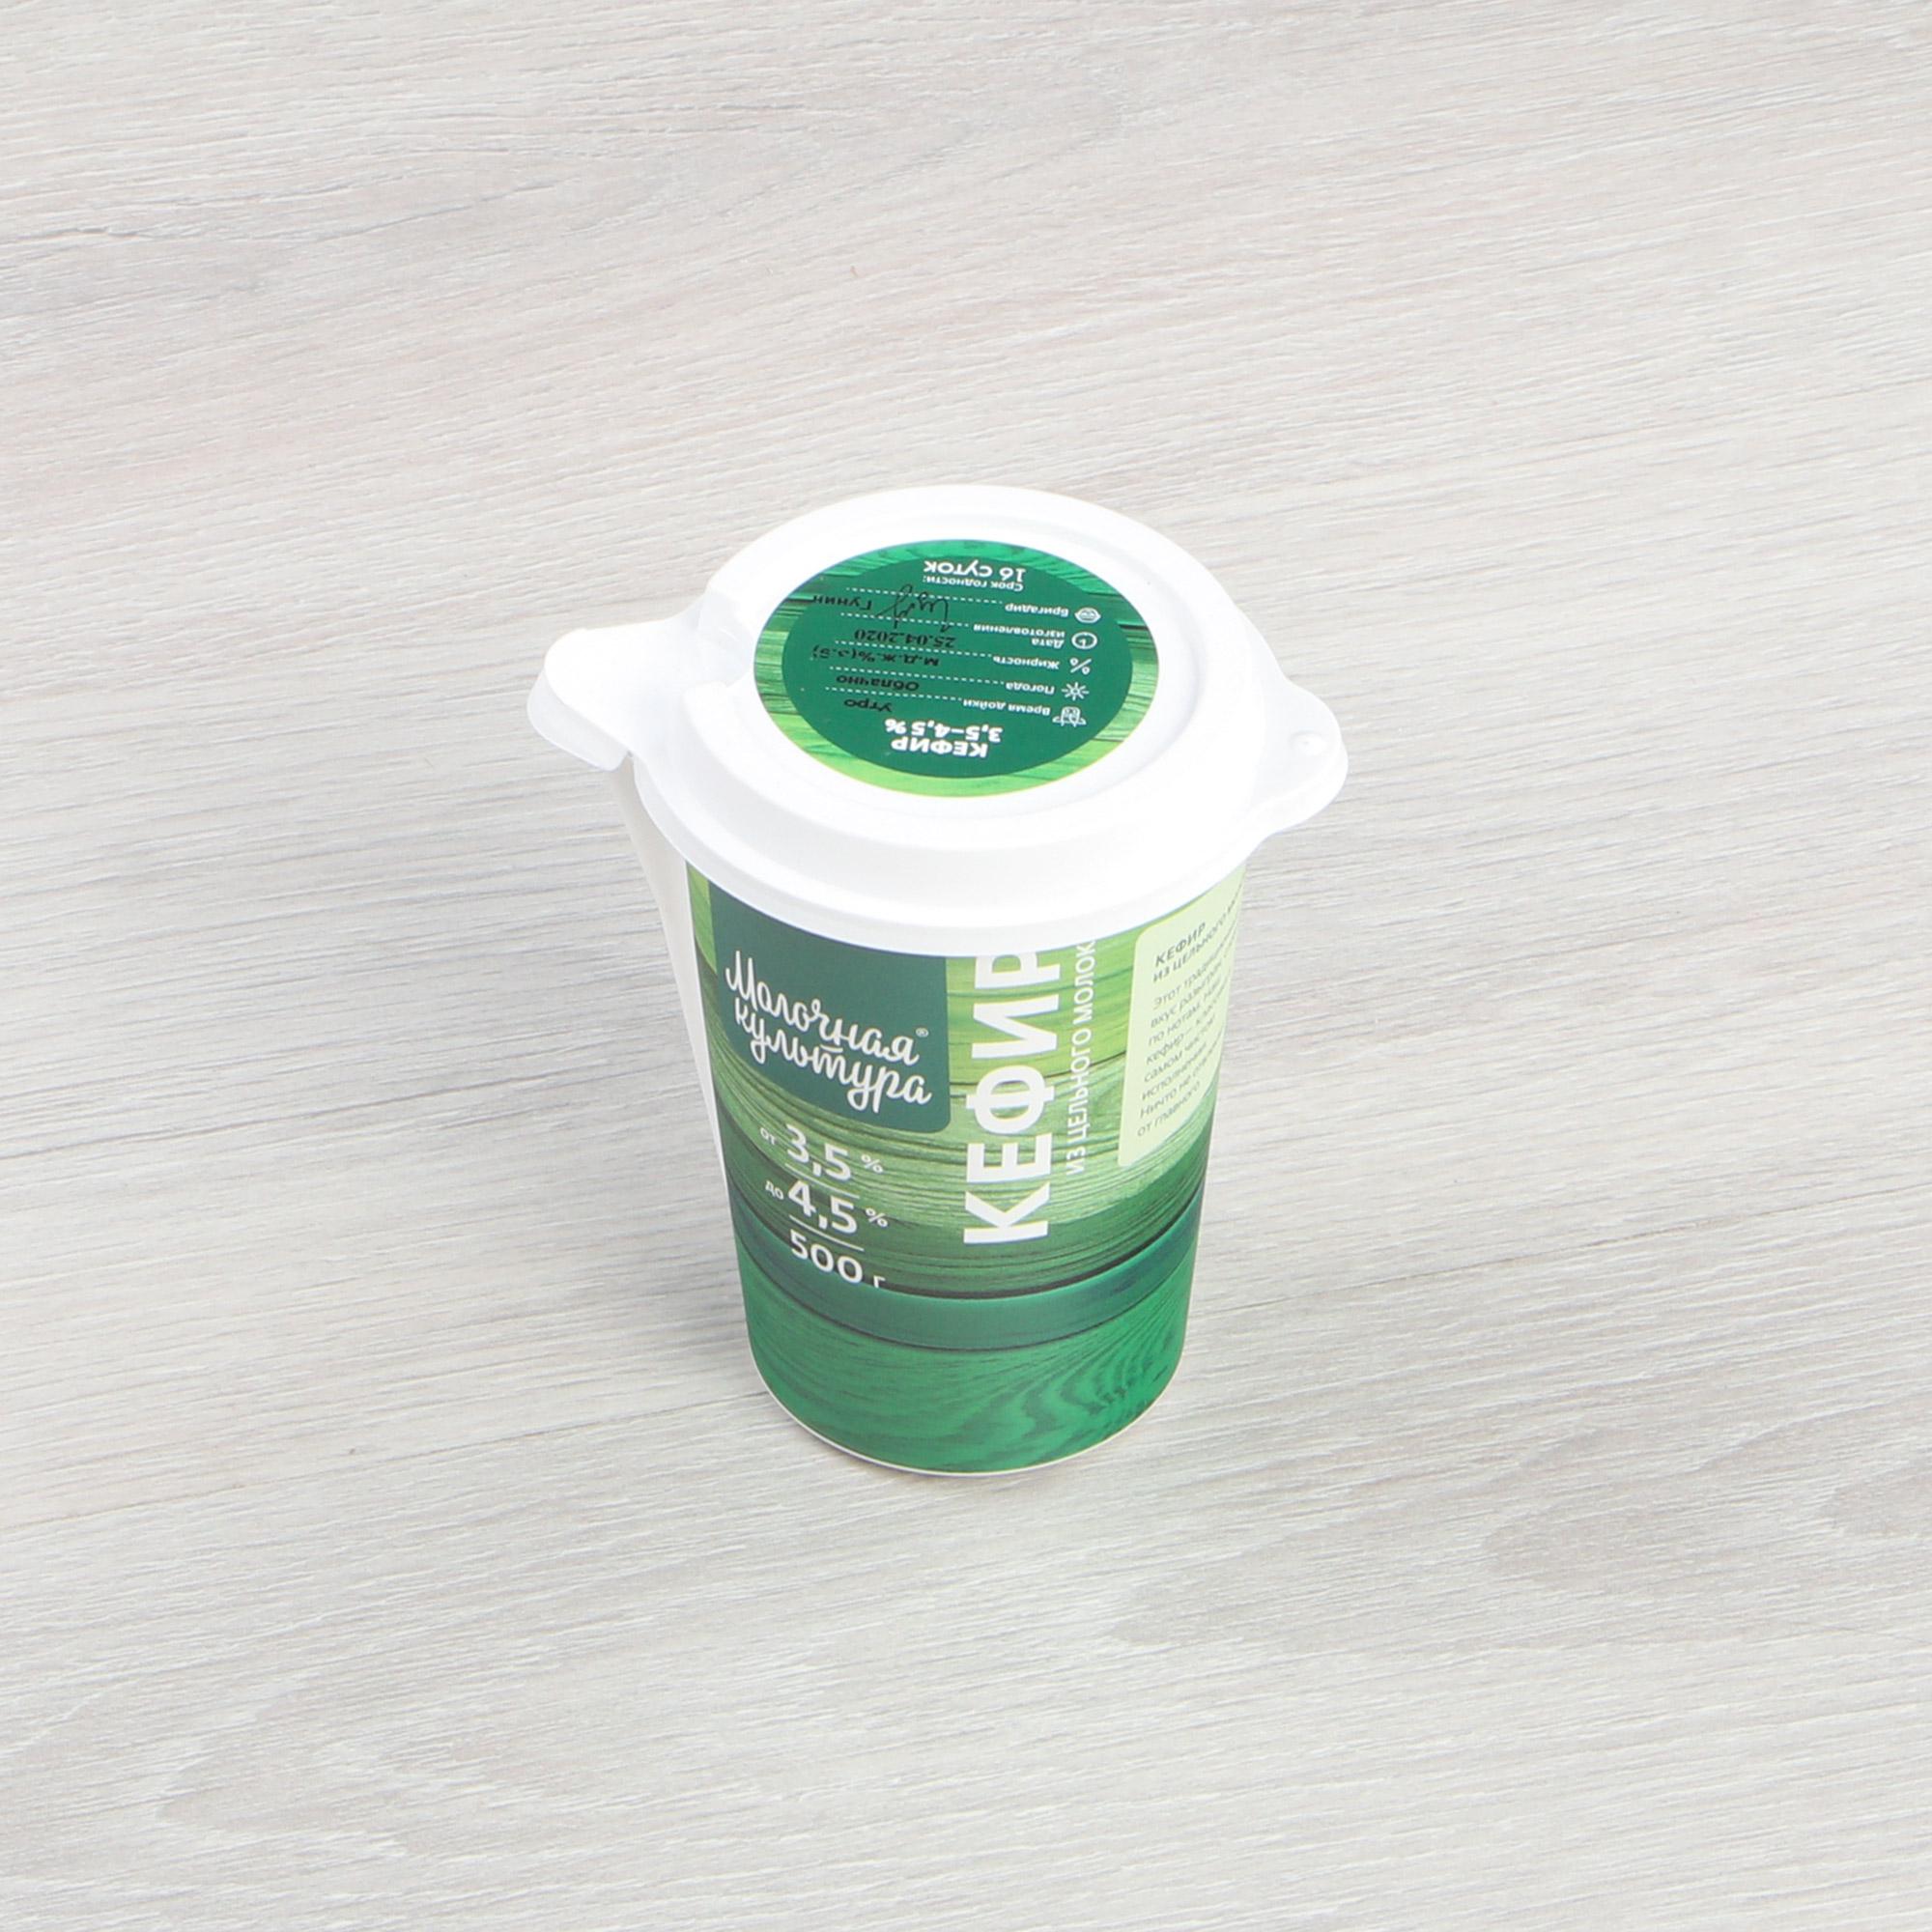 Кефир Молочная культура 3,5-4,5% 500 г